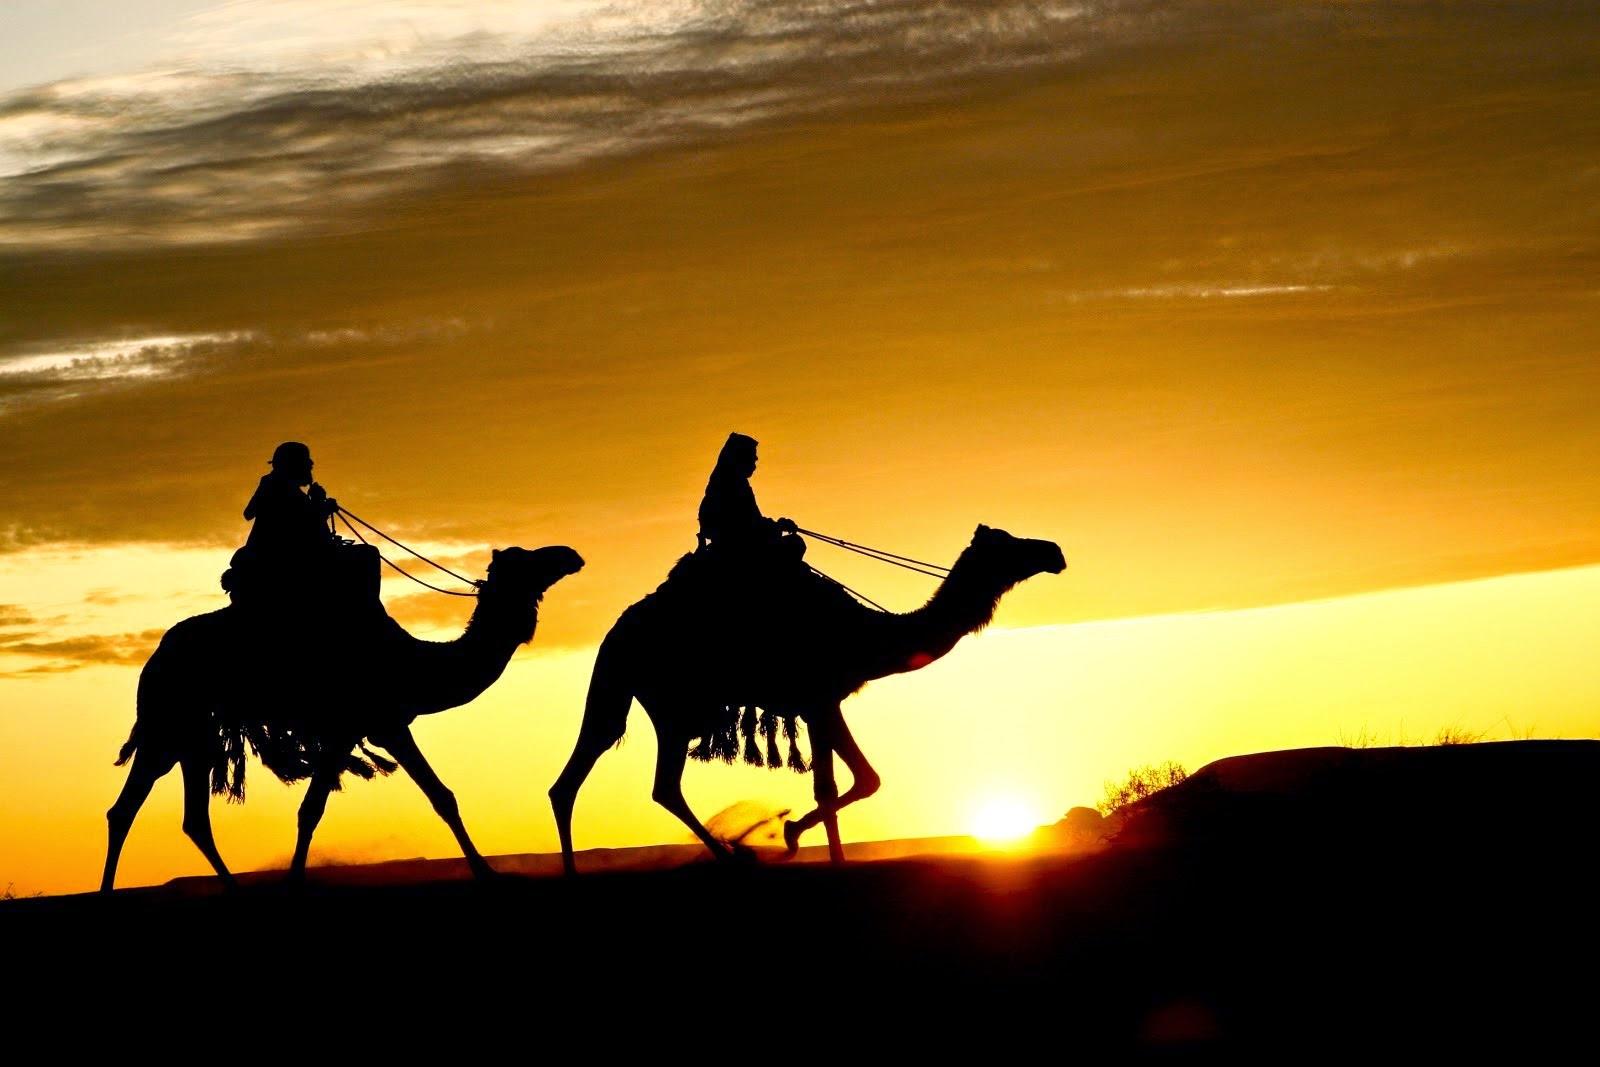 Auf ra termasuk dalam kelompok delapan orang yang mula Cerita Sahabat Abdurrahman bin 'Auf ra